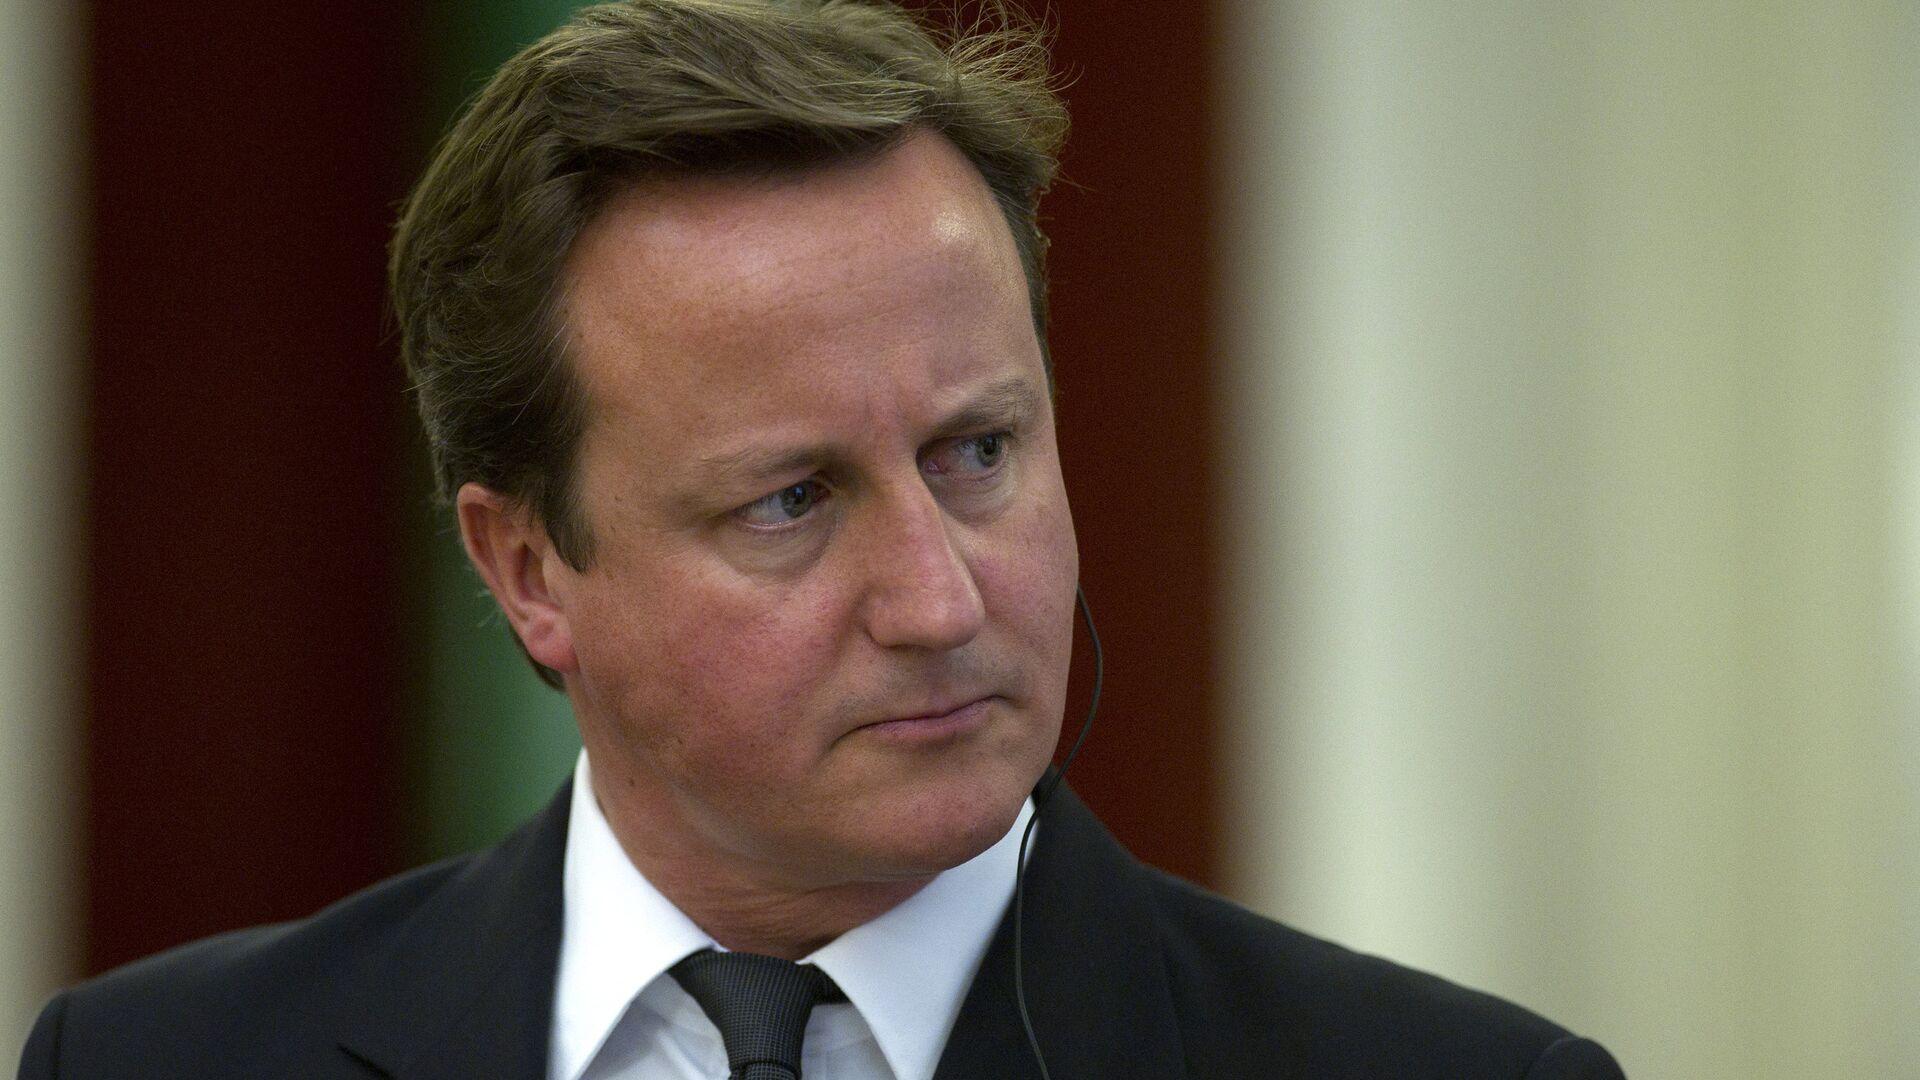 Премьер-министр Великобритании Д.Кэмерон выступил перед журналистами в Кремле - РИА Новости, 1920, 13.05.2021